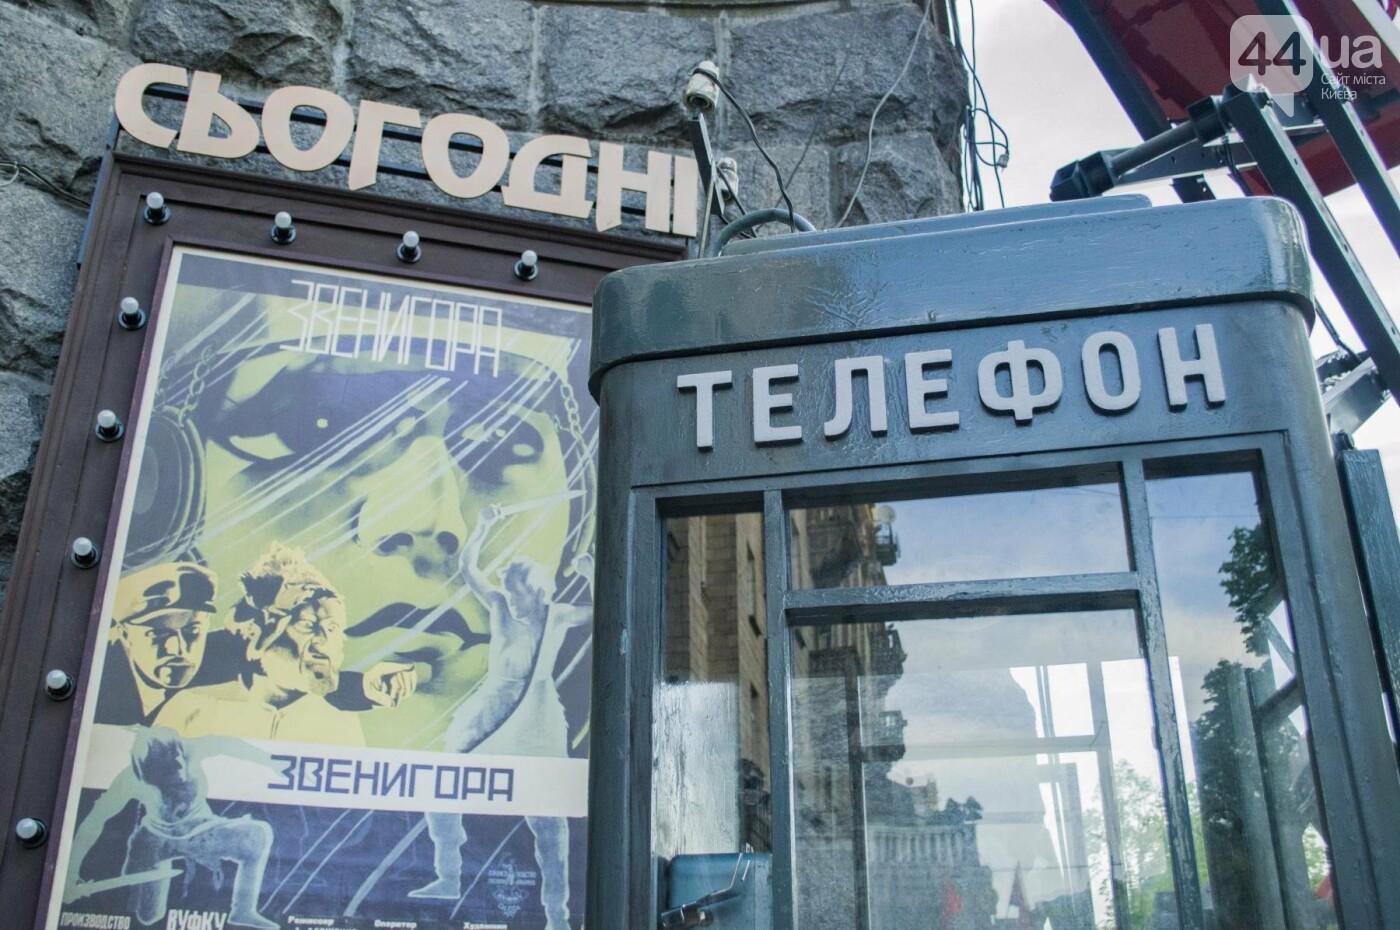 В Киеве снимают фильм об известном украинце: эксклюзивные закулисные фото, фото-1